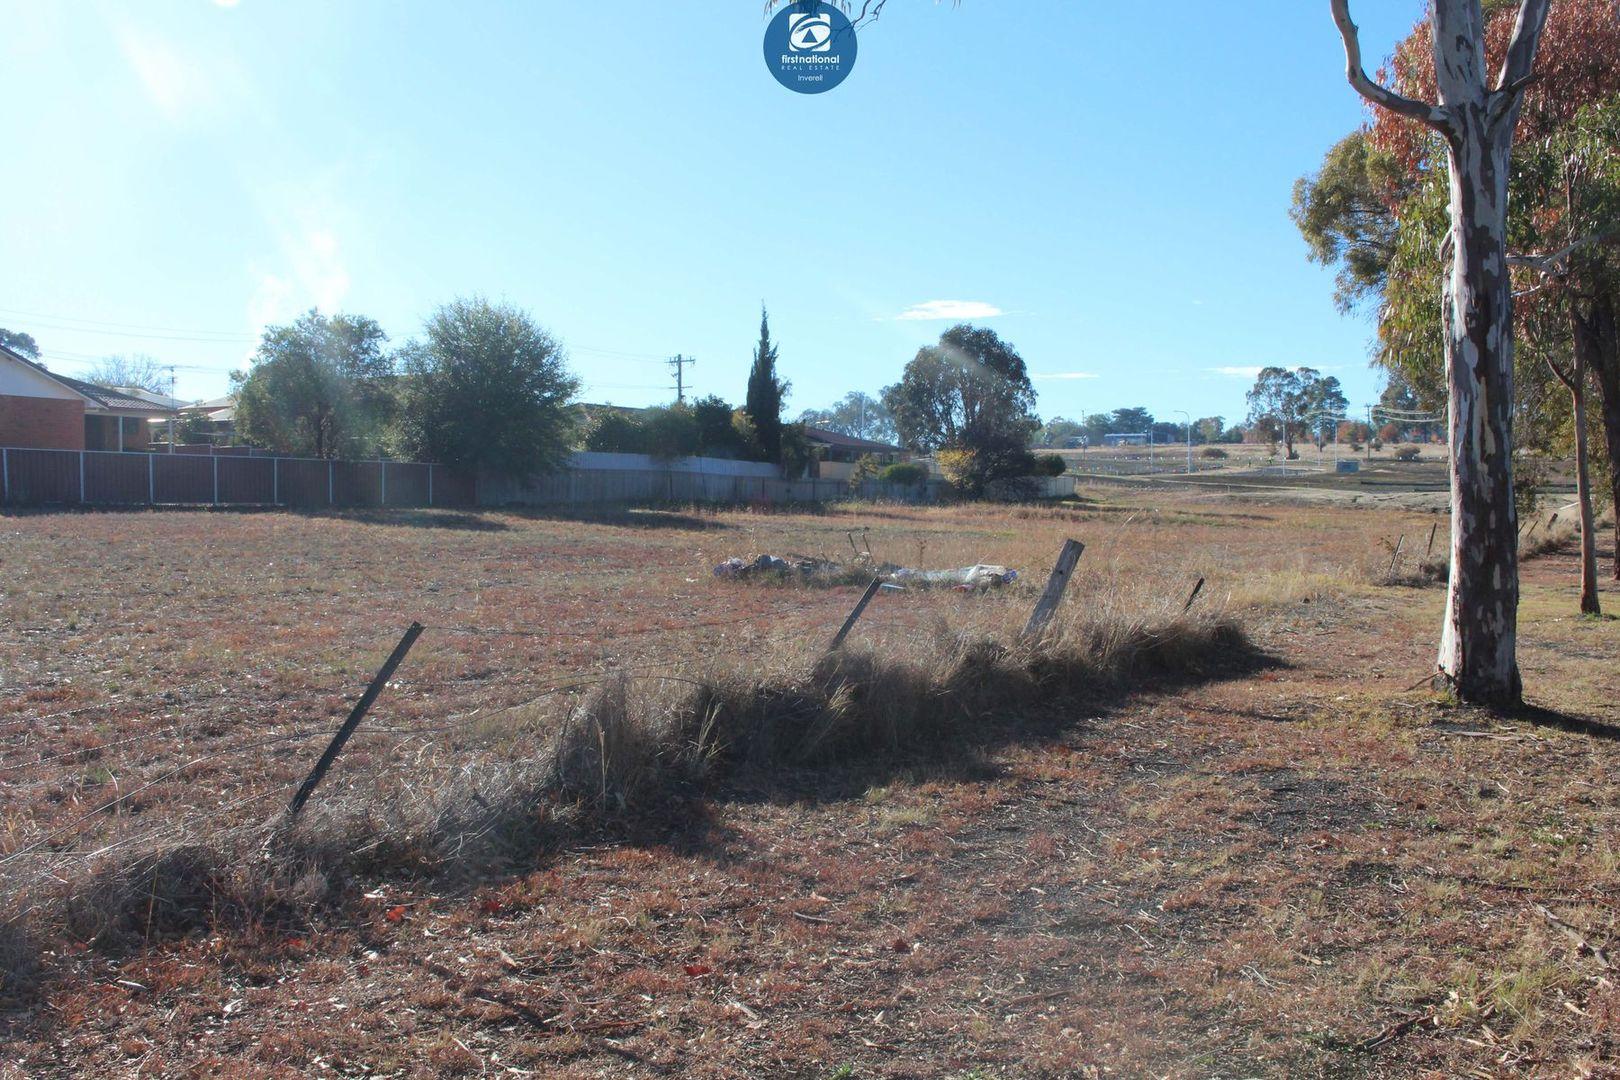 214 - 224 Glen Innes Rd, Inverell NSW 2360, Image 2